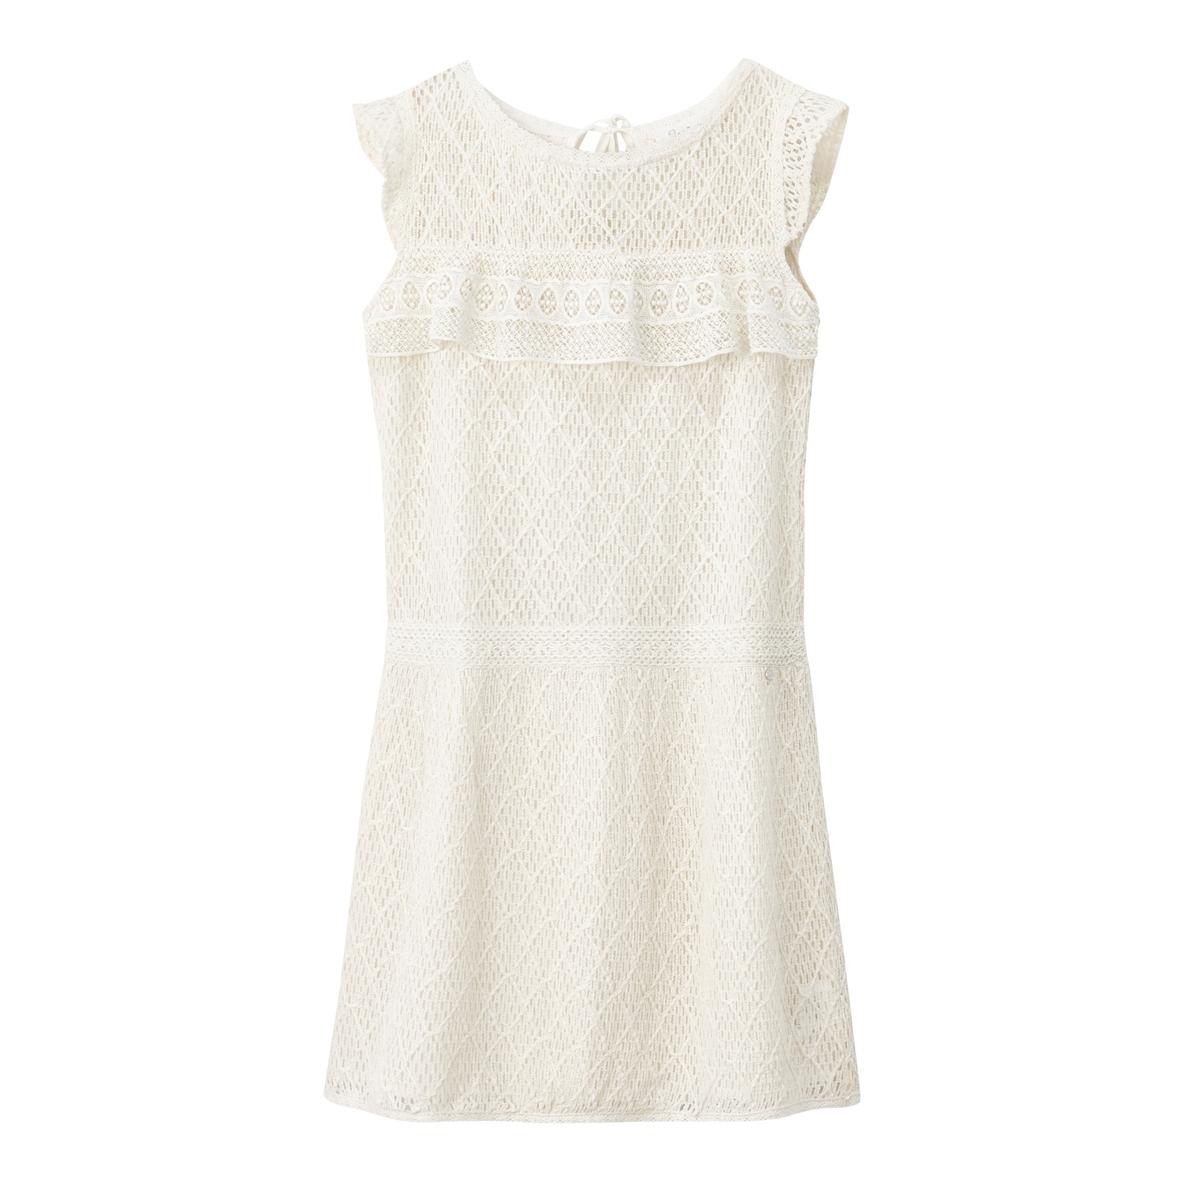 Платье короткое, с короткими рукавами, однотонноеДетали  •  Форма : расклешенная   •  Укороченная модель •  Короткие рукава    •  Без воротникаСостав и уход •  100% хлопок •  Следуйте советам по уходу, указанным на этикетке<br><br>Цвет: белый